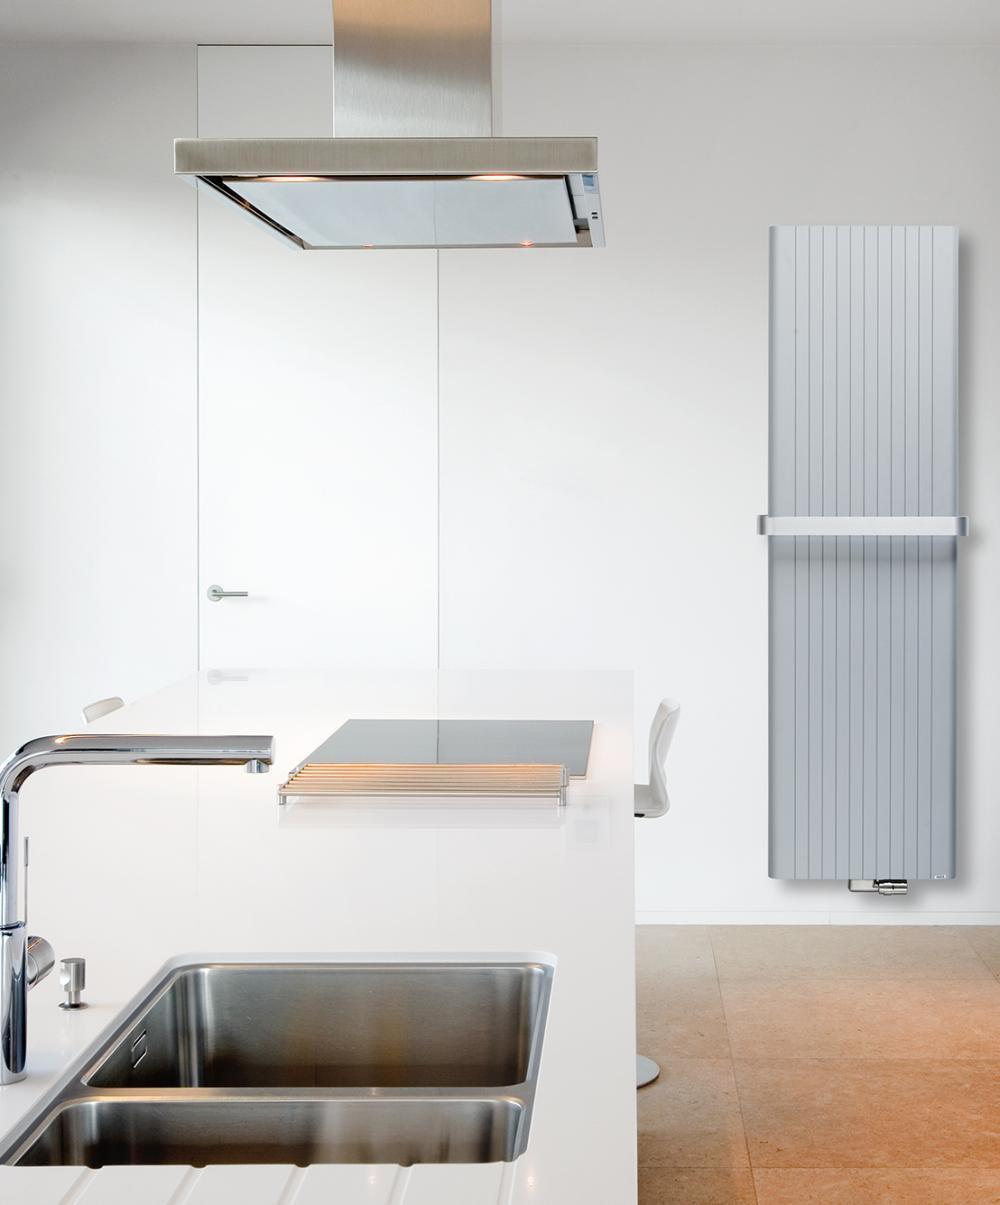 Calorifere decorative aluminiu Vasco Alu-Zen 1800x600 mm, 2155 W